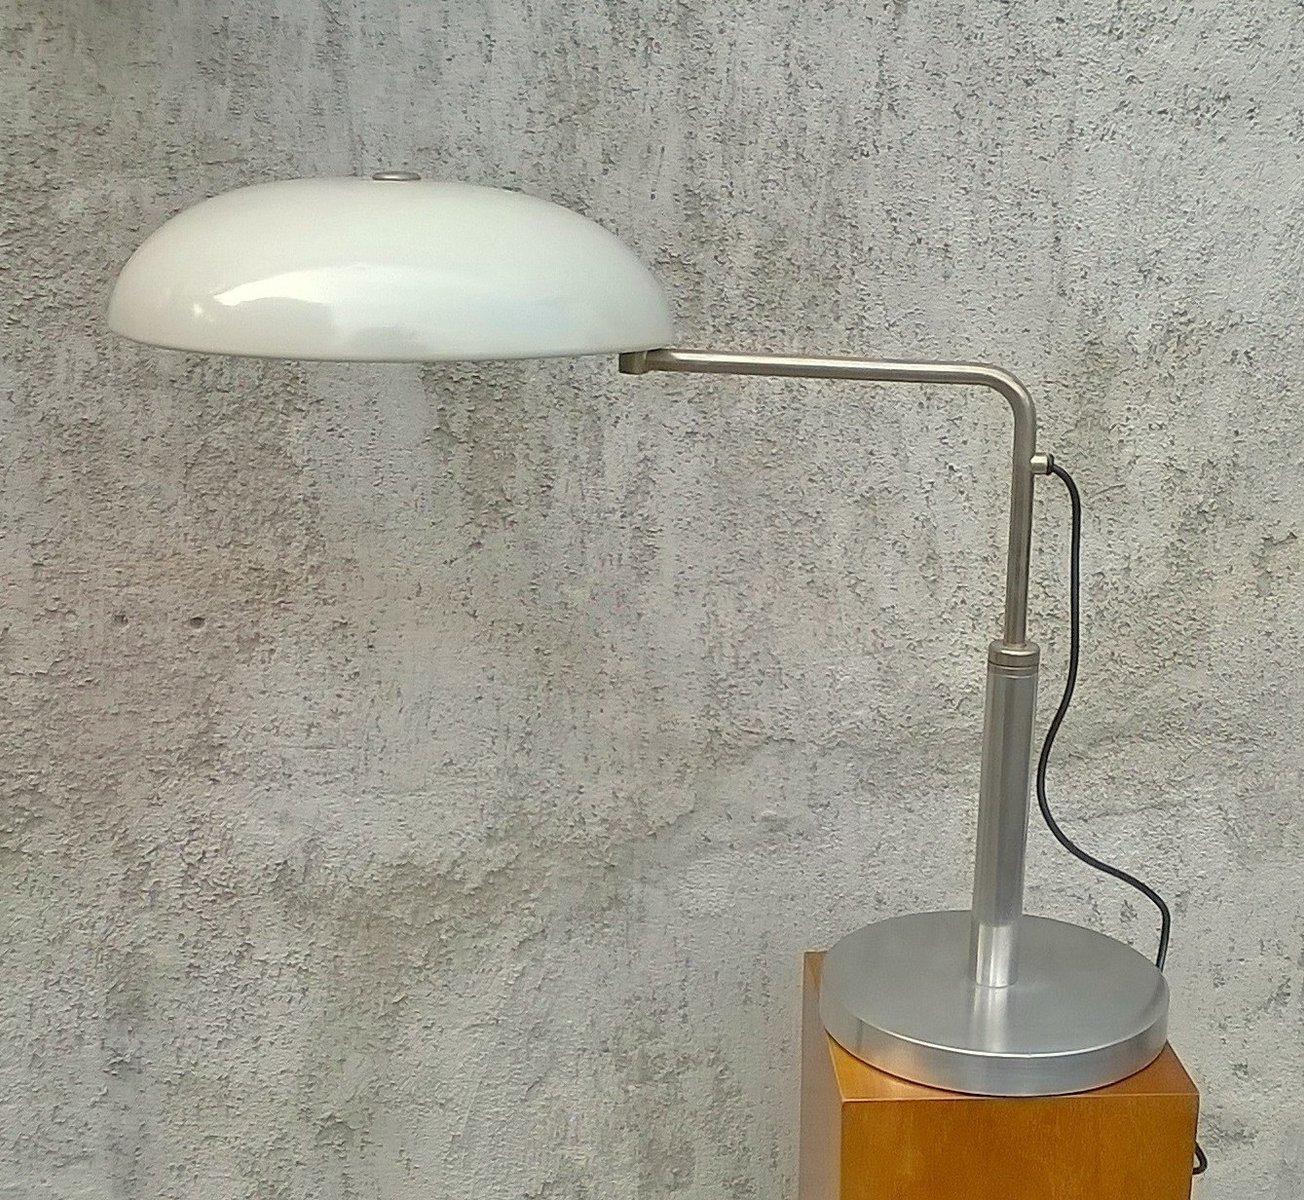 Tischlampe von Muller, 1950er